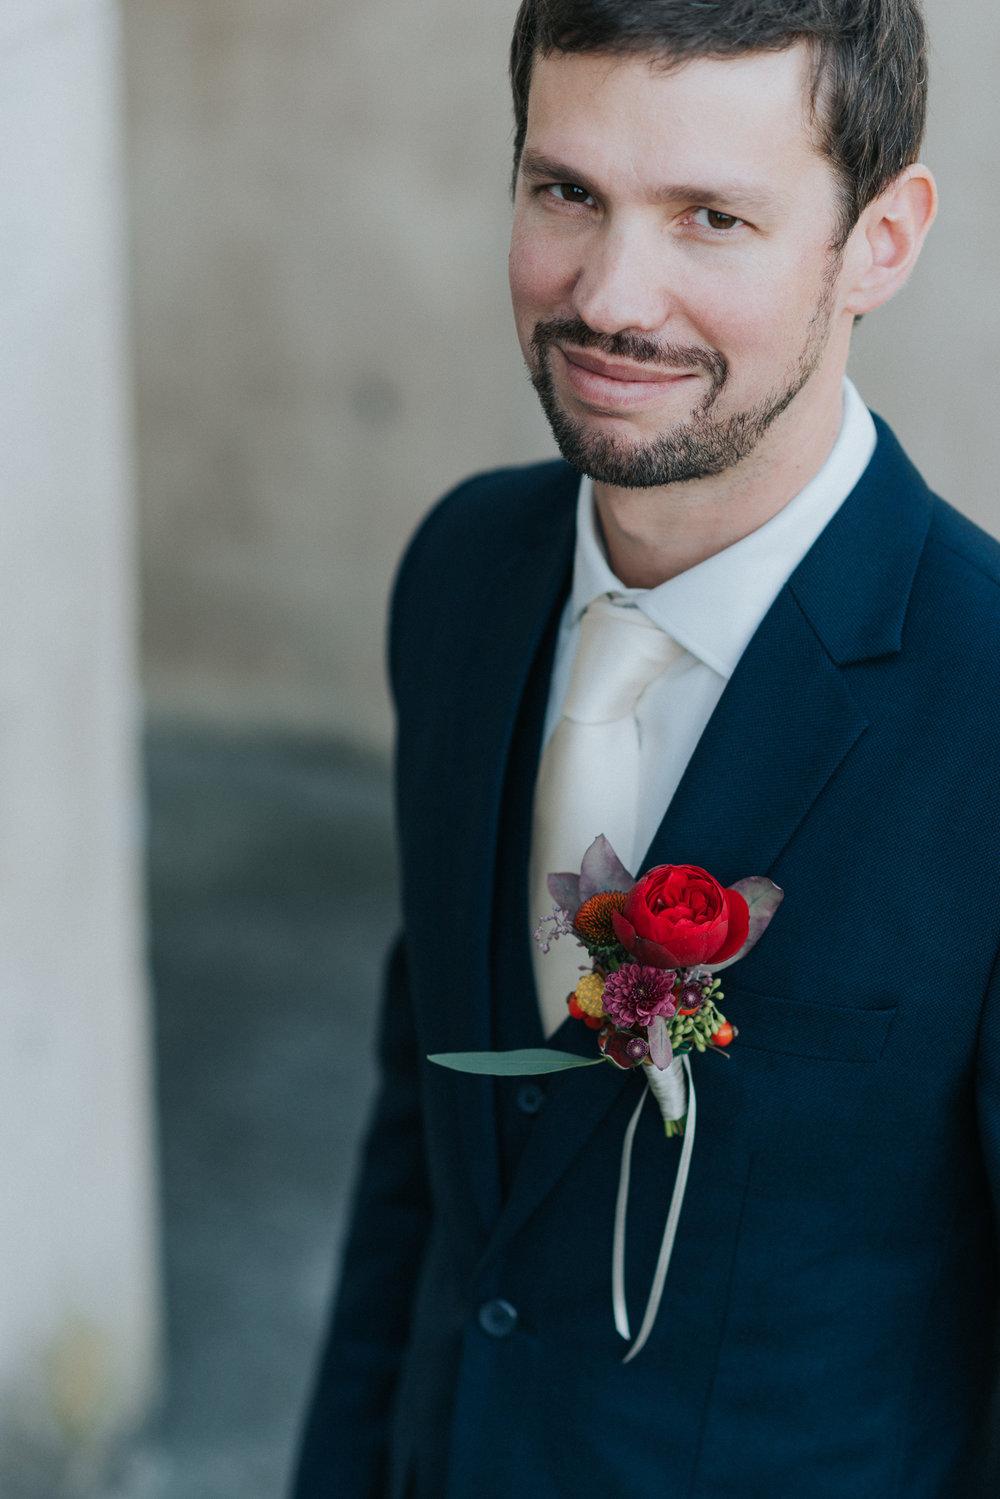 Hochzeit_Georgenberg-4.jpg